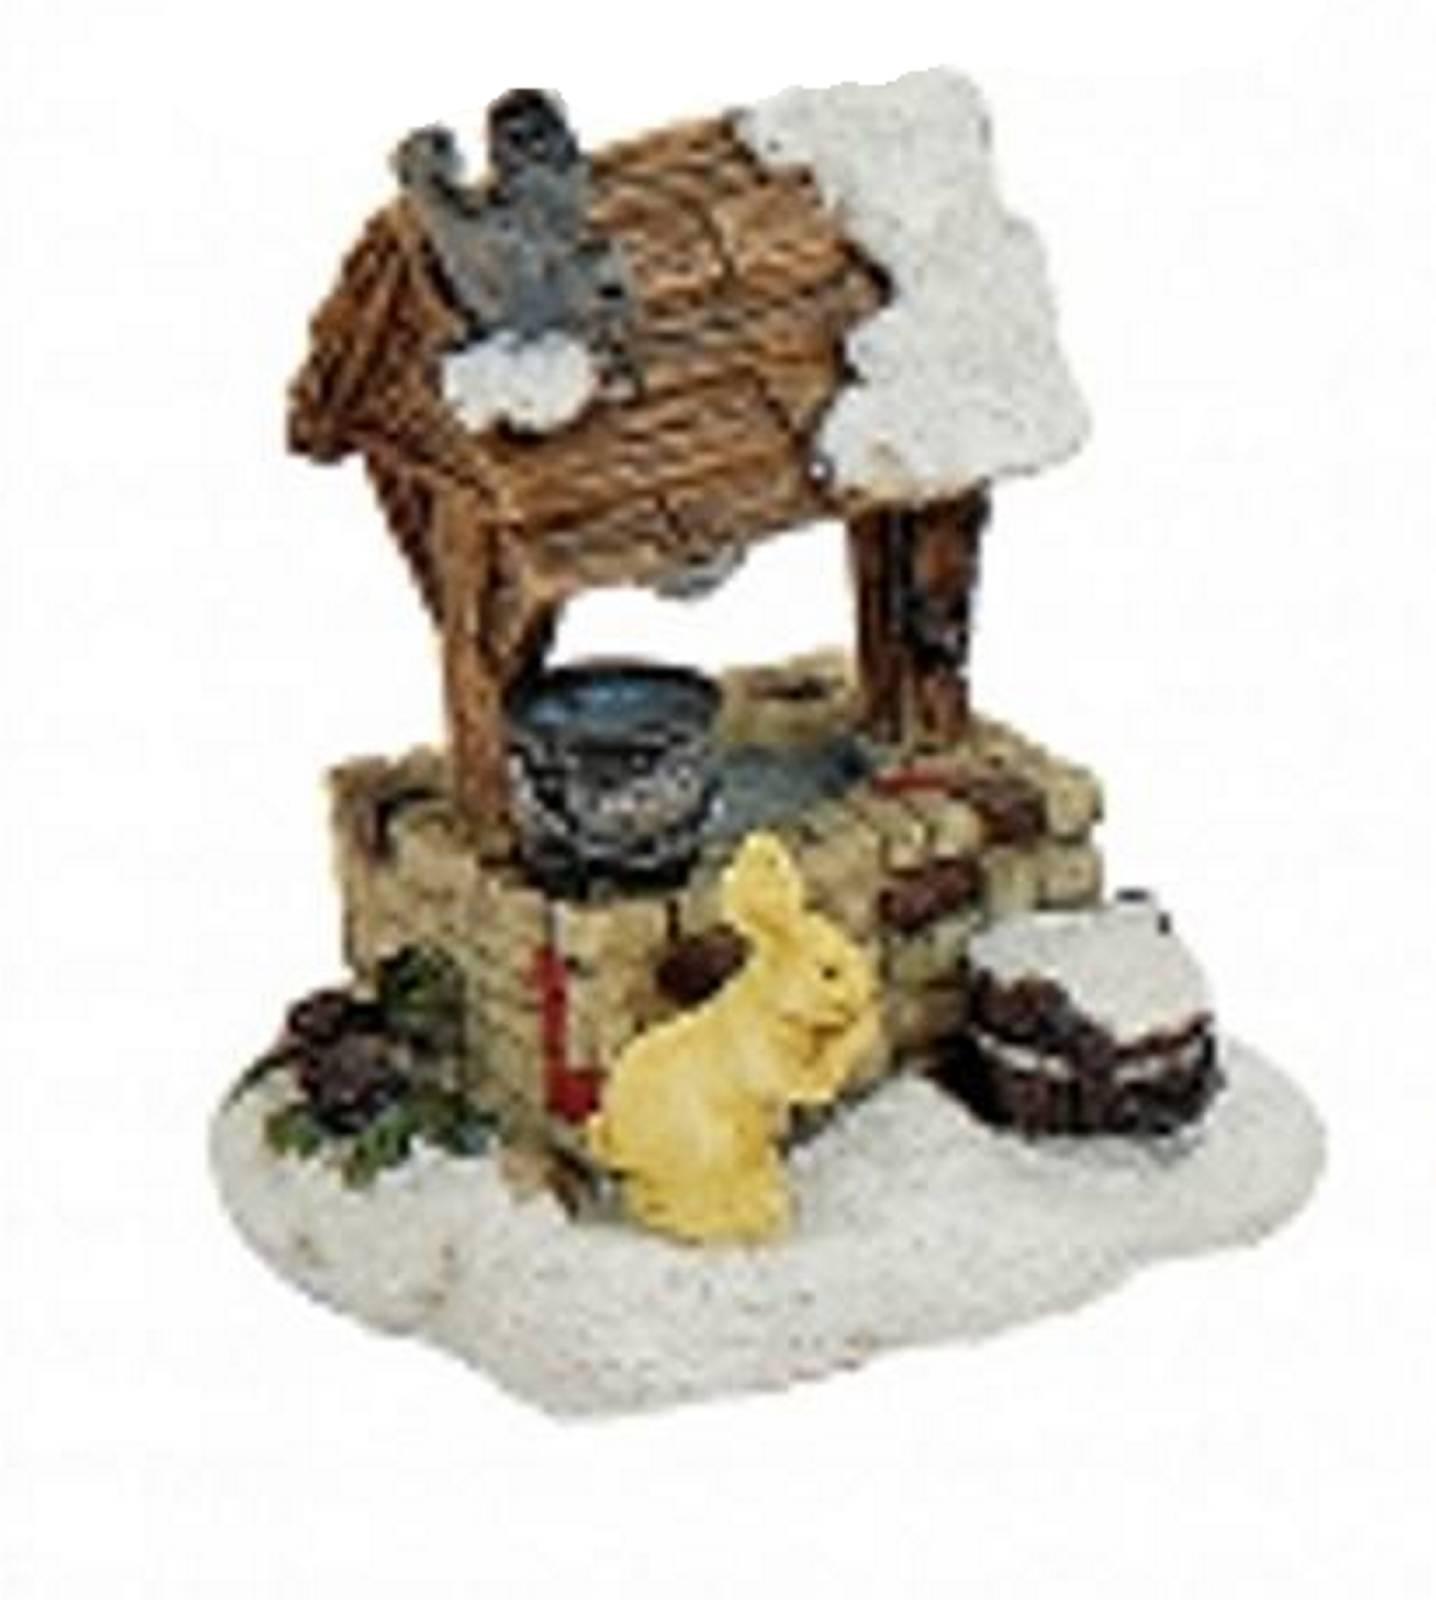 lichthaus g wurm zubeh r weihnachtliche brunnen vogelhaus. Black Bedroom Furniture Sets. Home Design Ideas